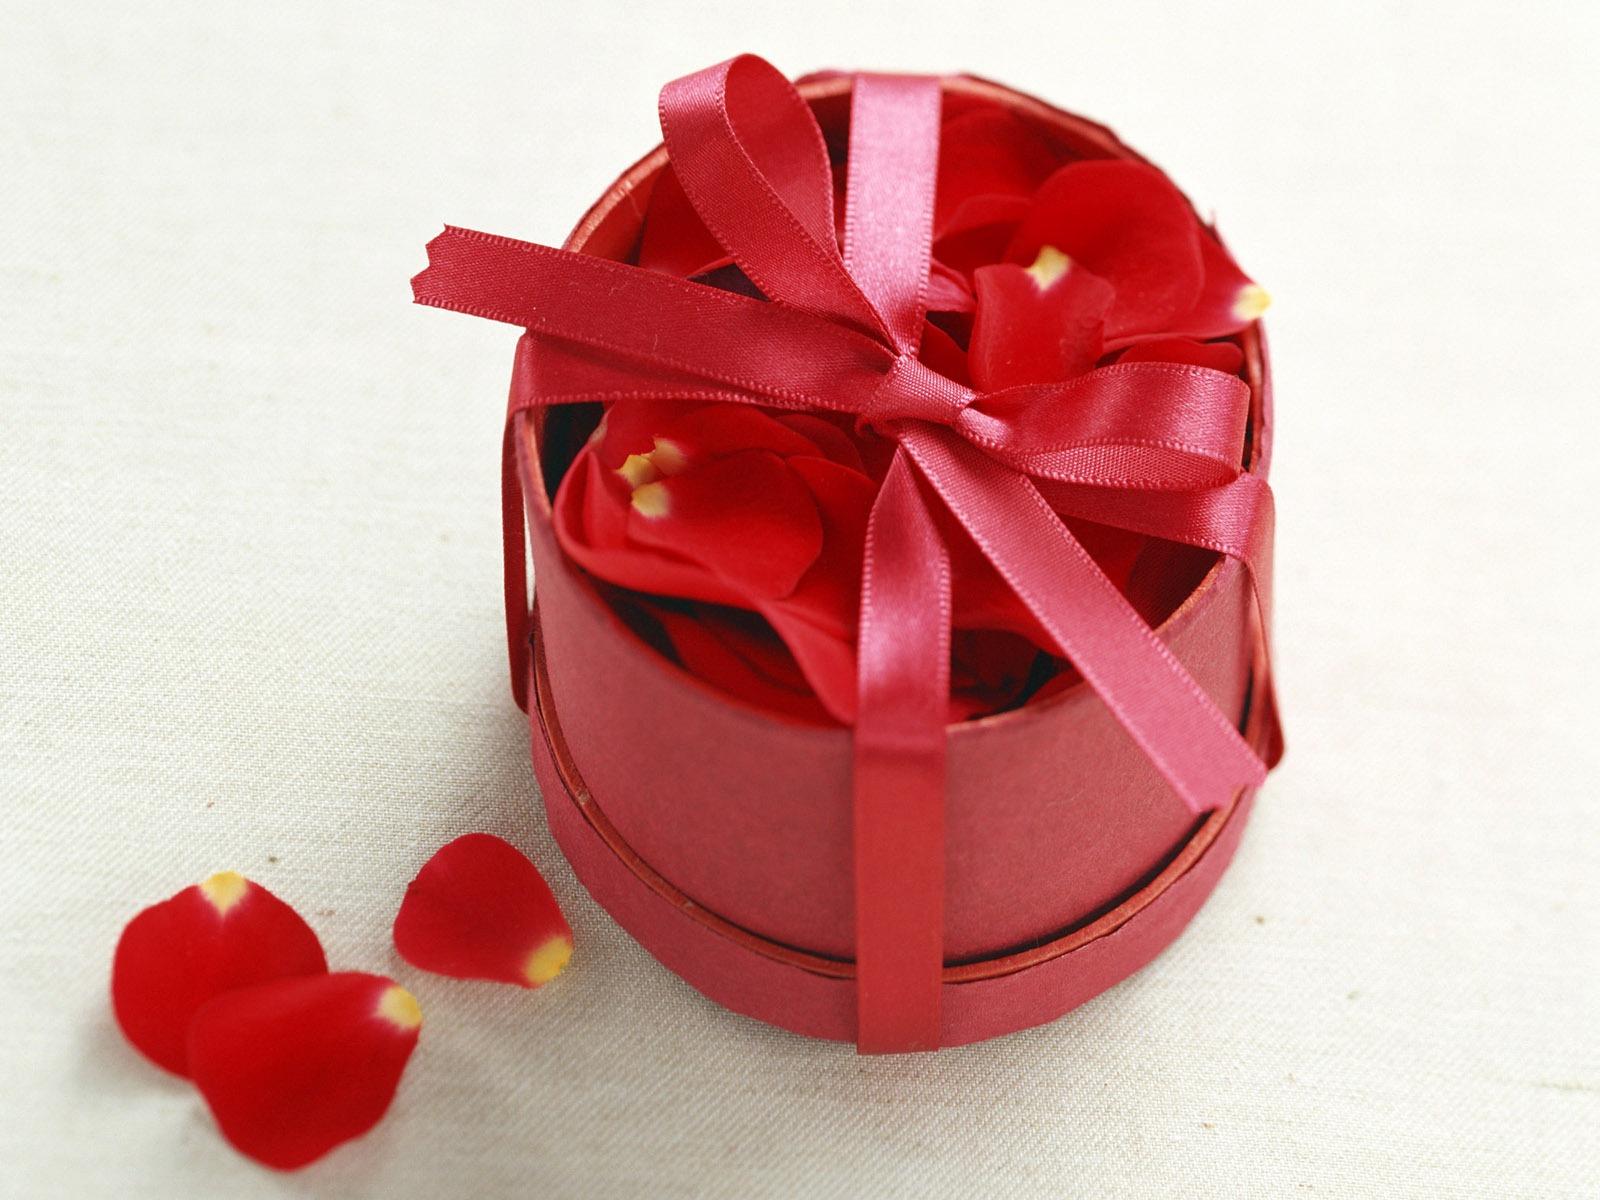 Ухтыбокс создает необычные подарки на день рождения 115